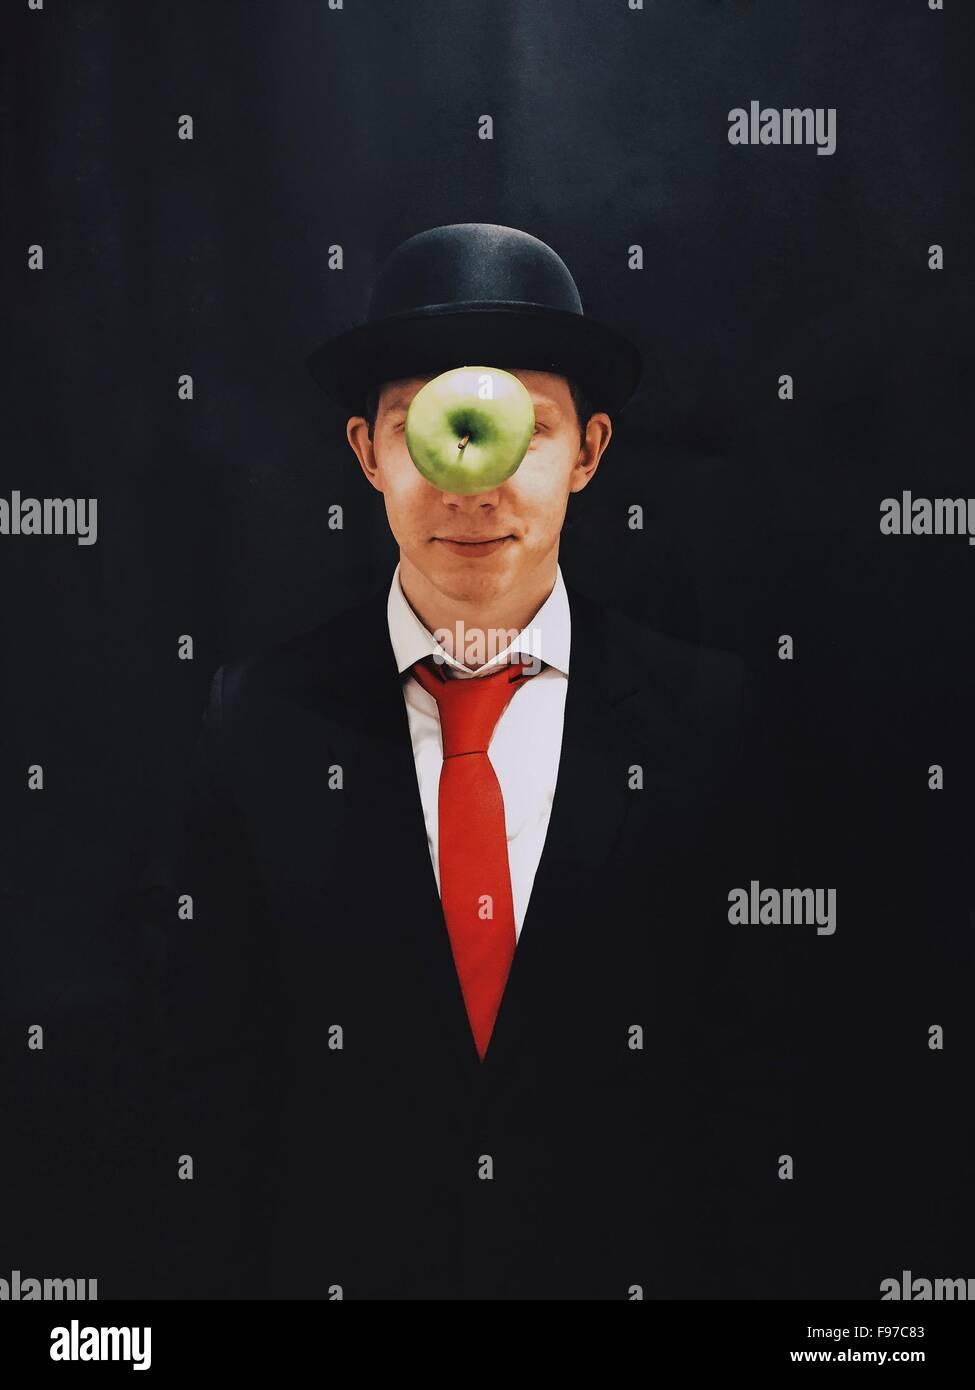 Apple In der Luft vor Mann mit Hut vor schwarzem Hintergrund Stockbild